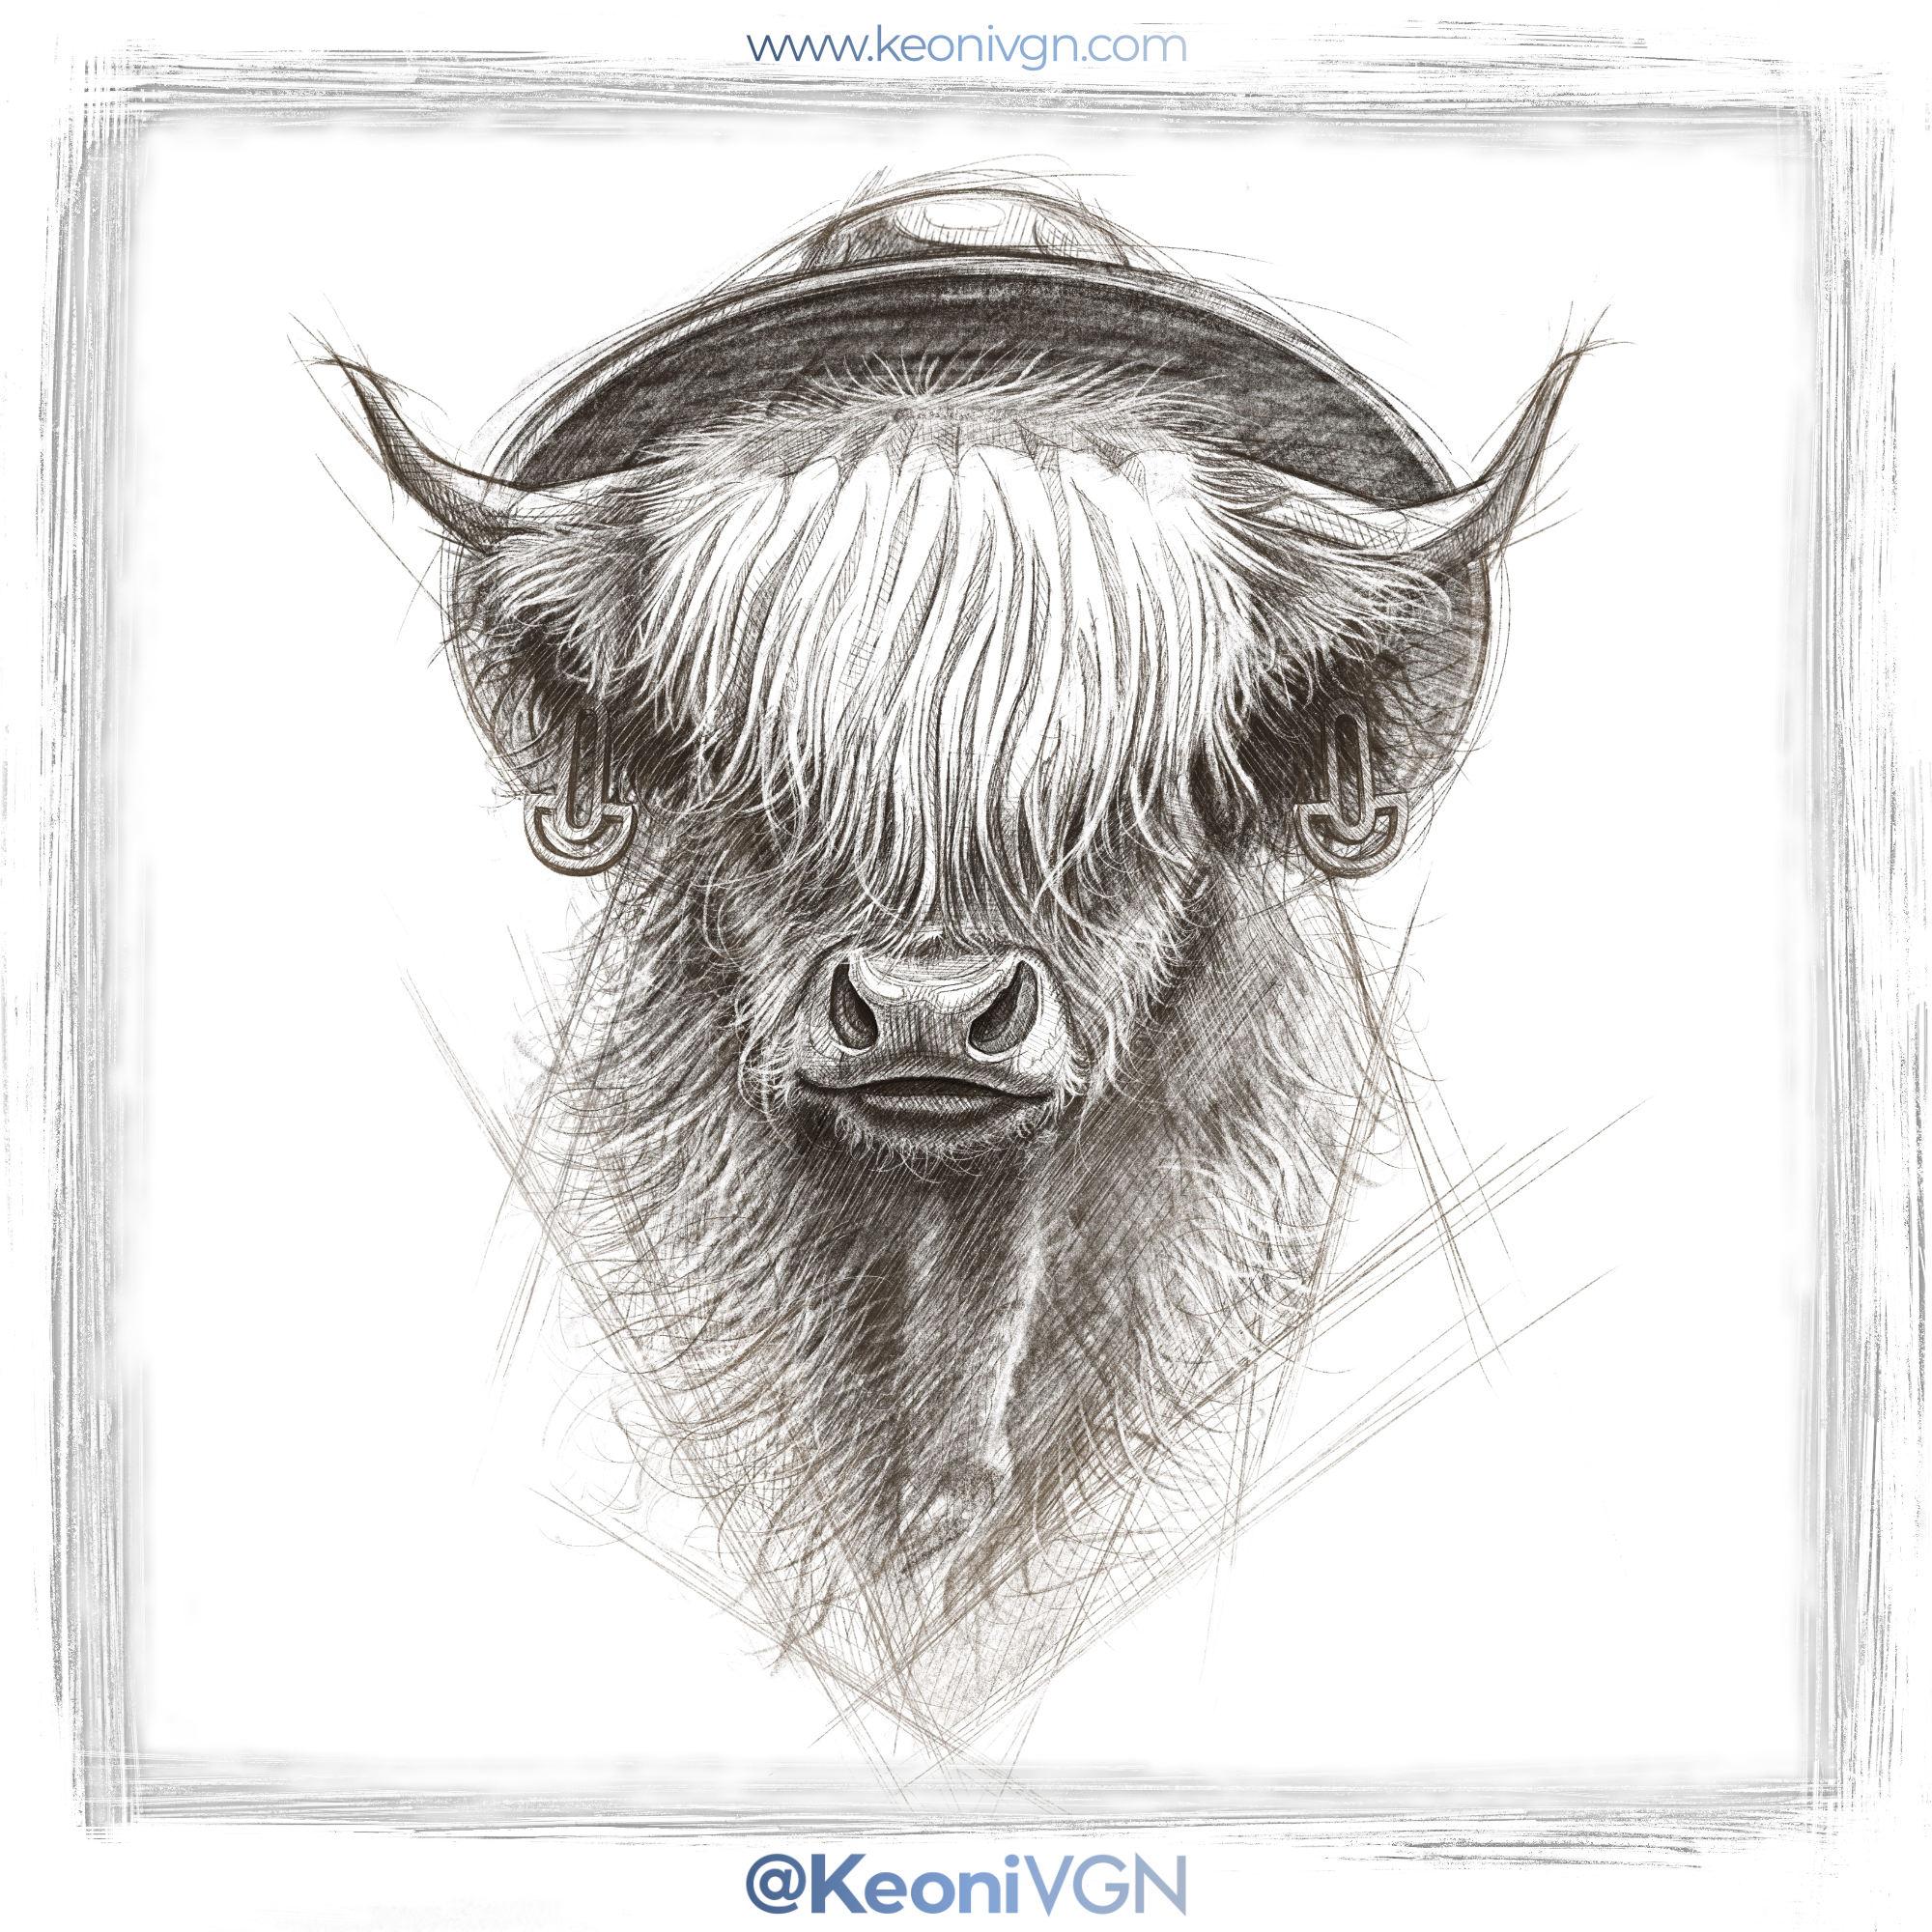 Ilustración - Cowpster